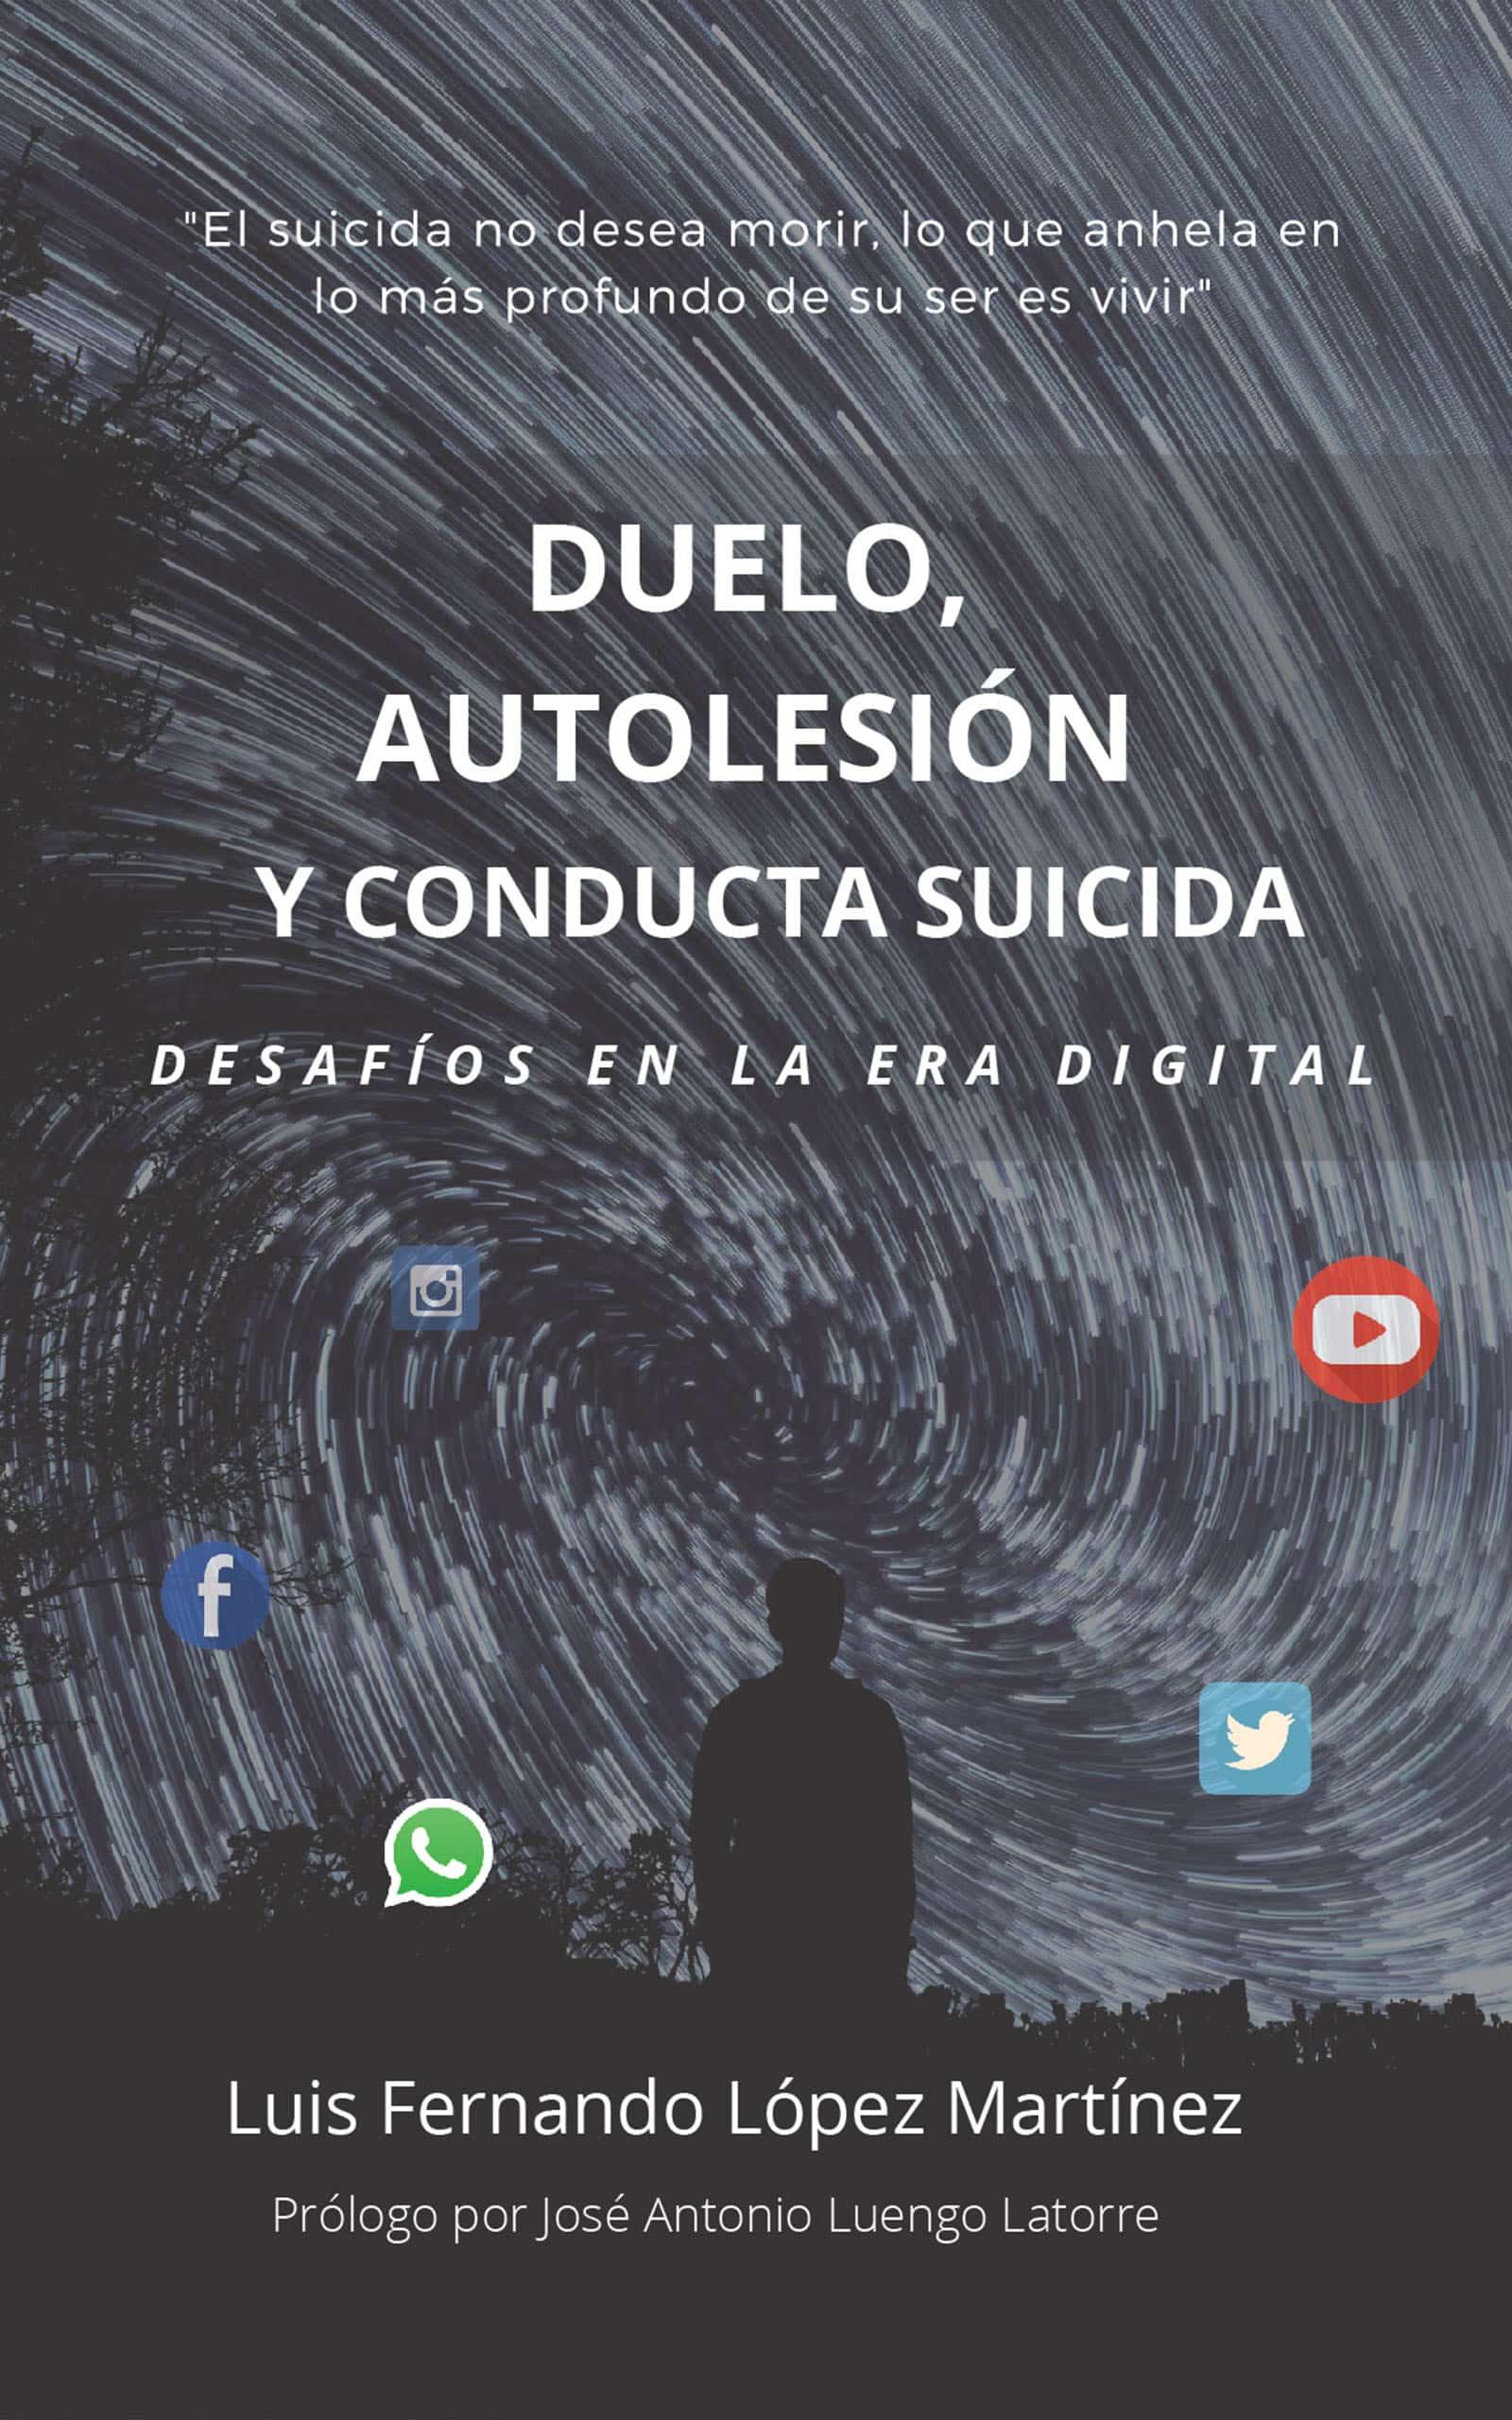 Duelo, autolesión y conducta suicida, de Luís Fernando López Martínez